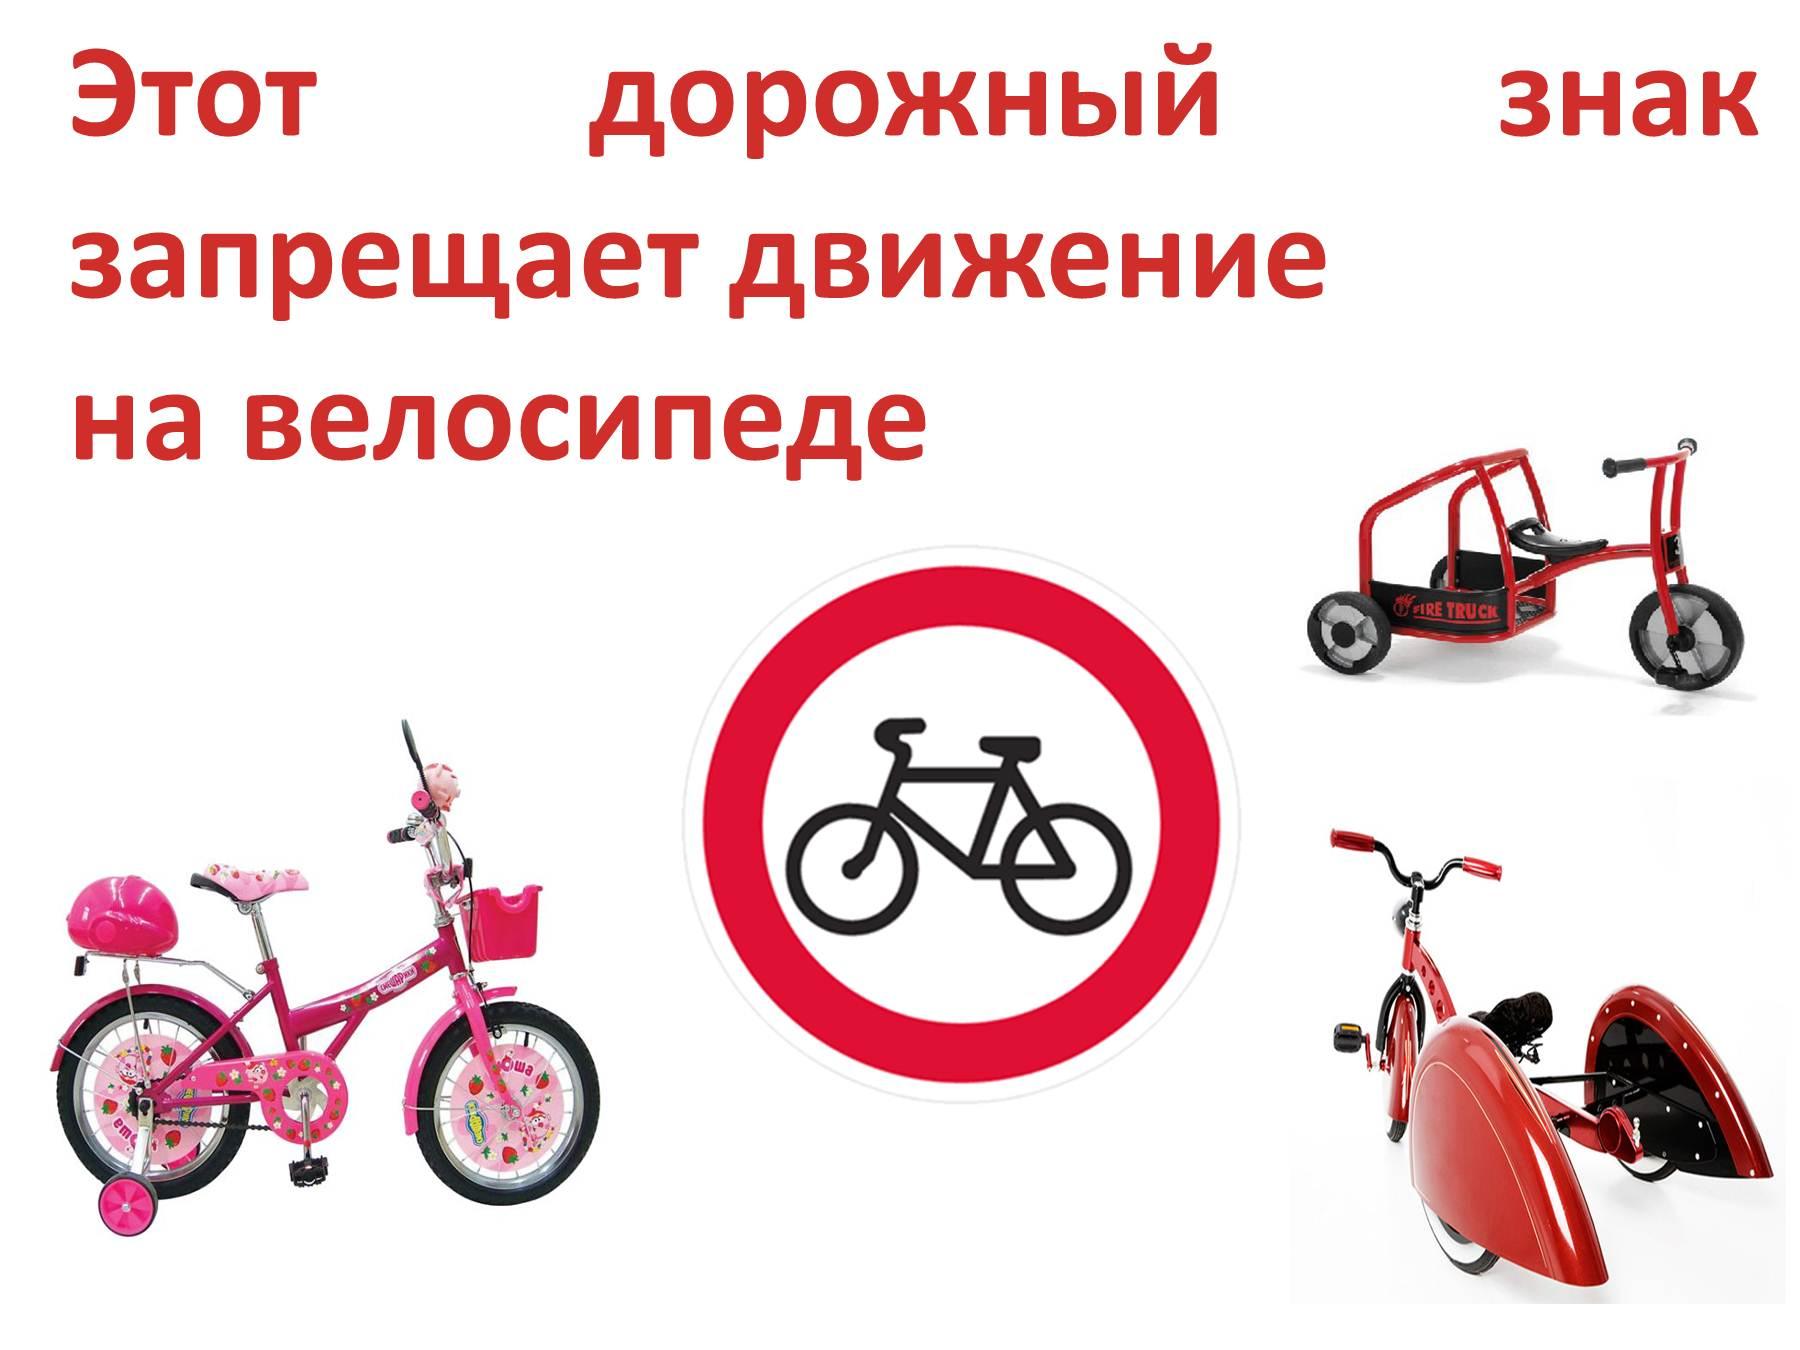 Правила дорожного движения для велосипедиста 20 фотография